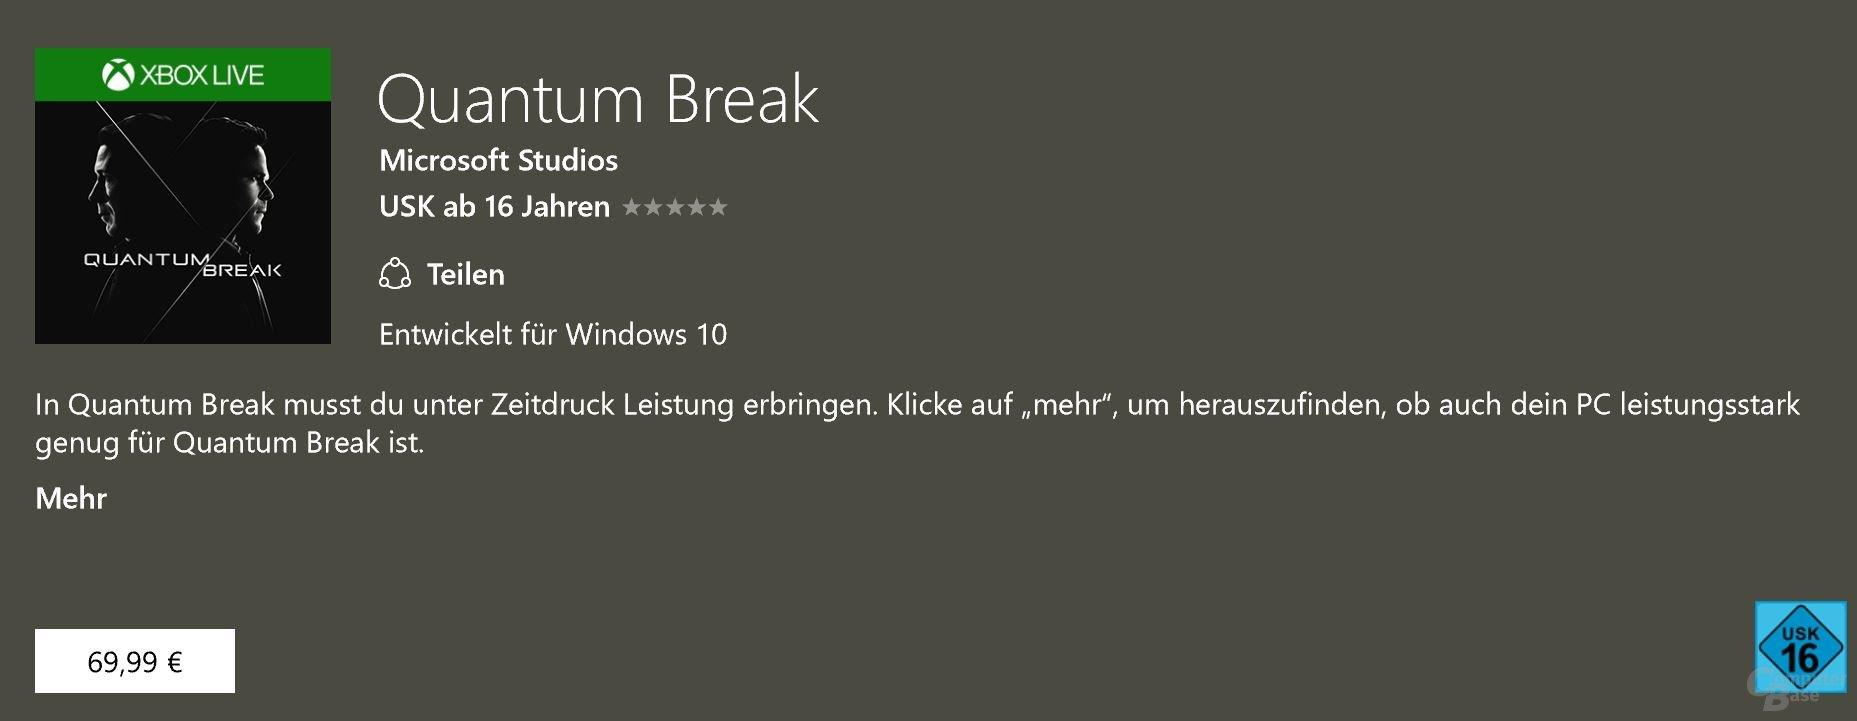 Für Quantum Break werden auch auf dem PC 70 Euro fällig